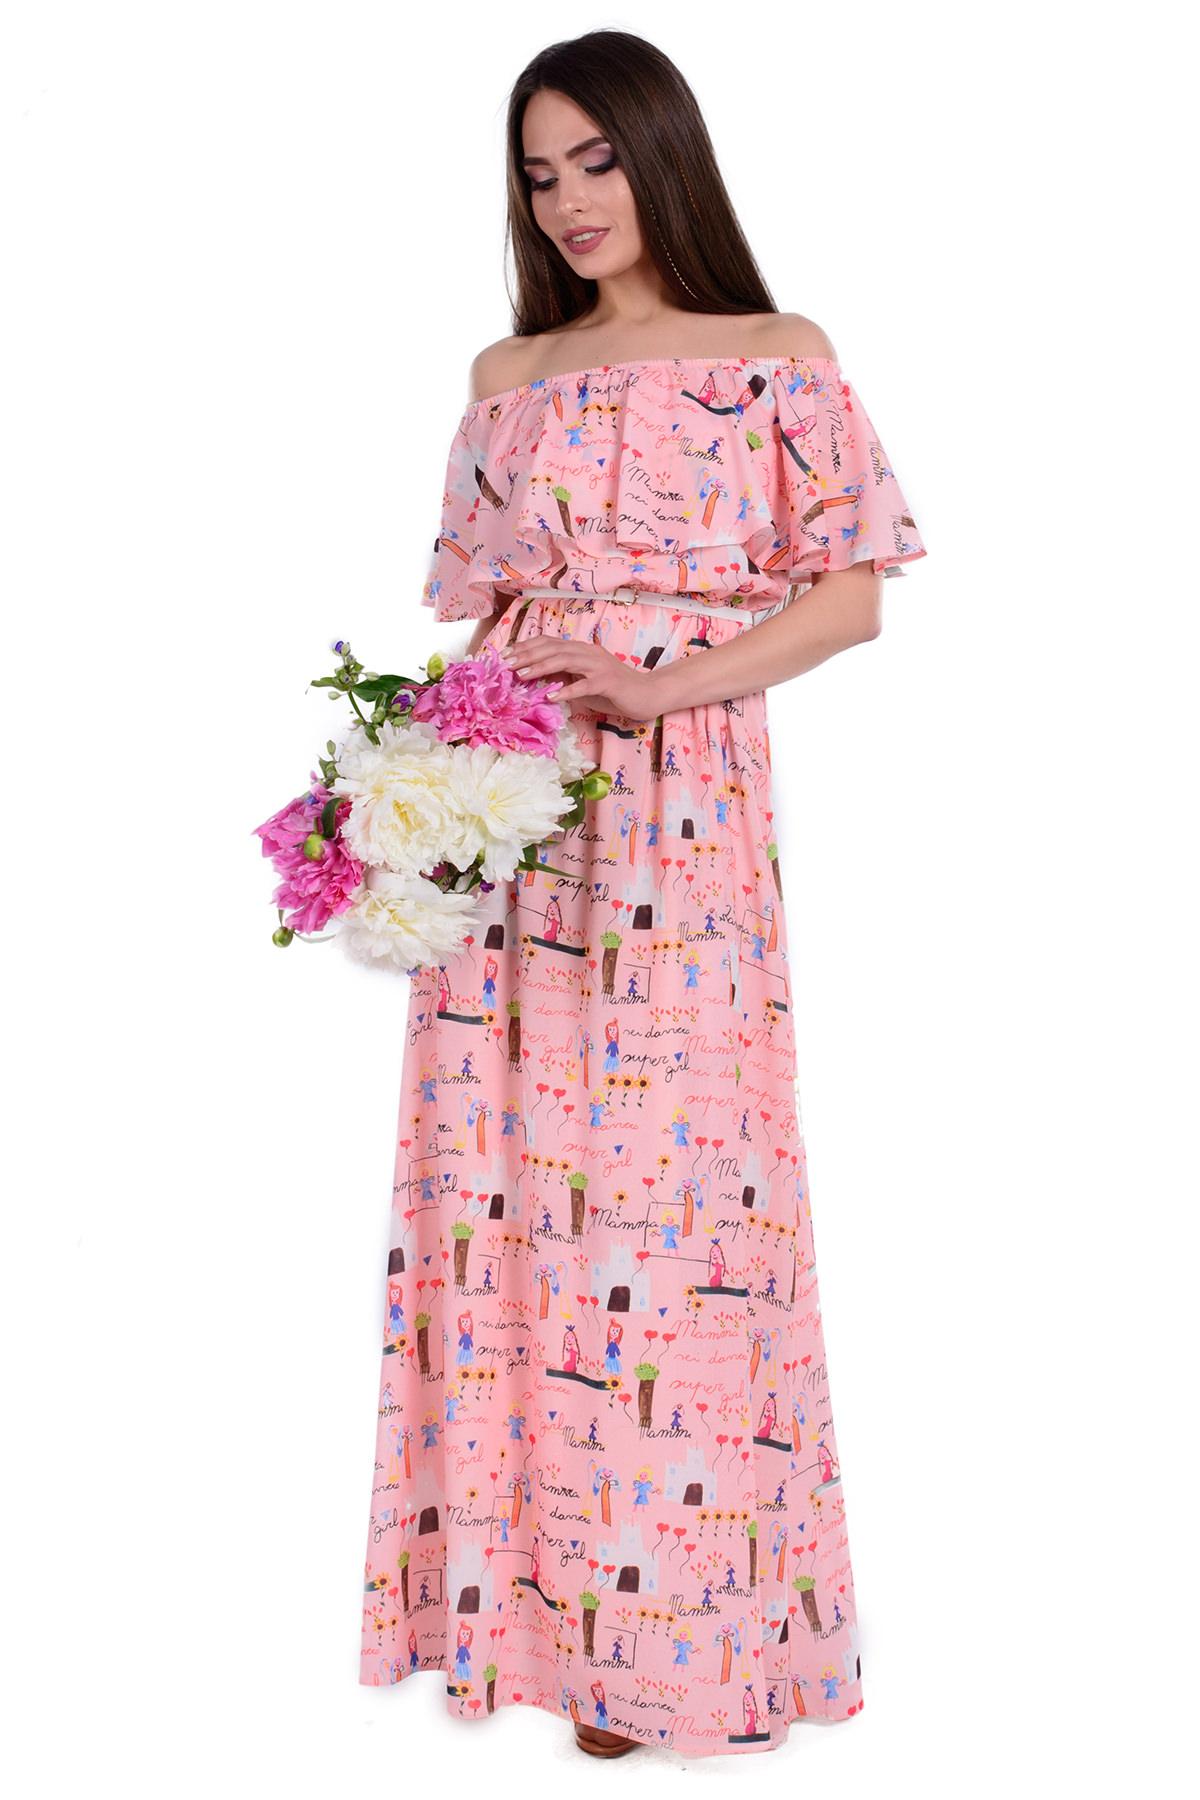 de0db7816c1 Женская одежда от производителя Modus Платье Крис креп шифон принт стрейч